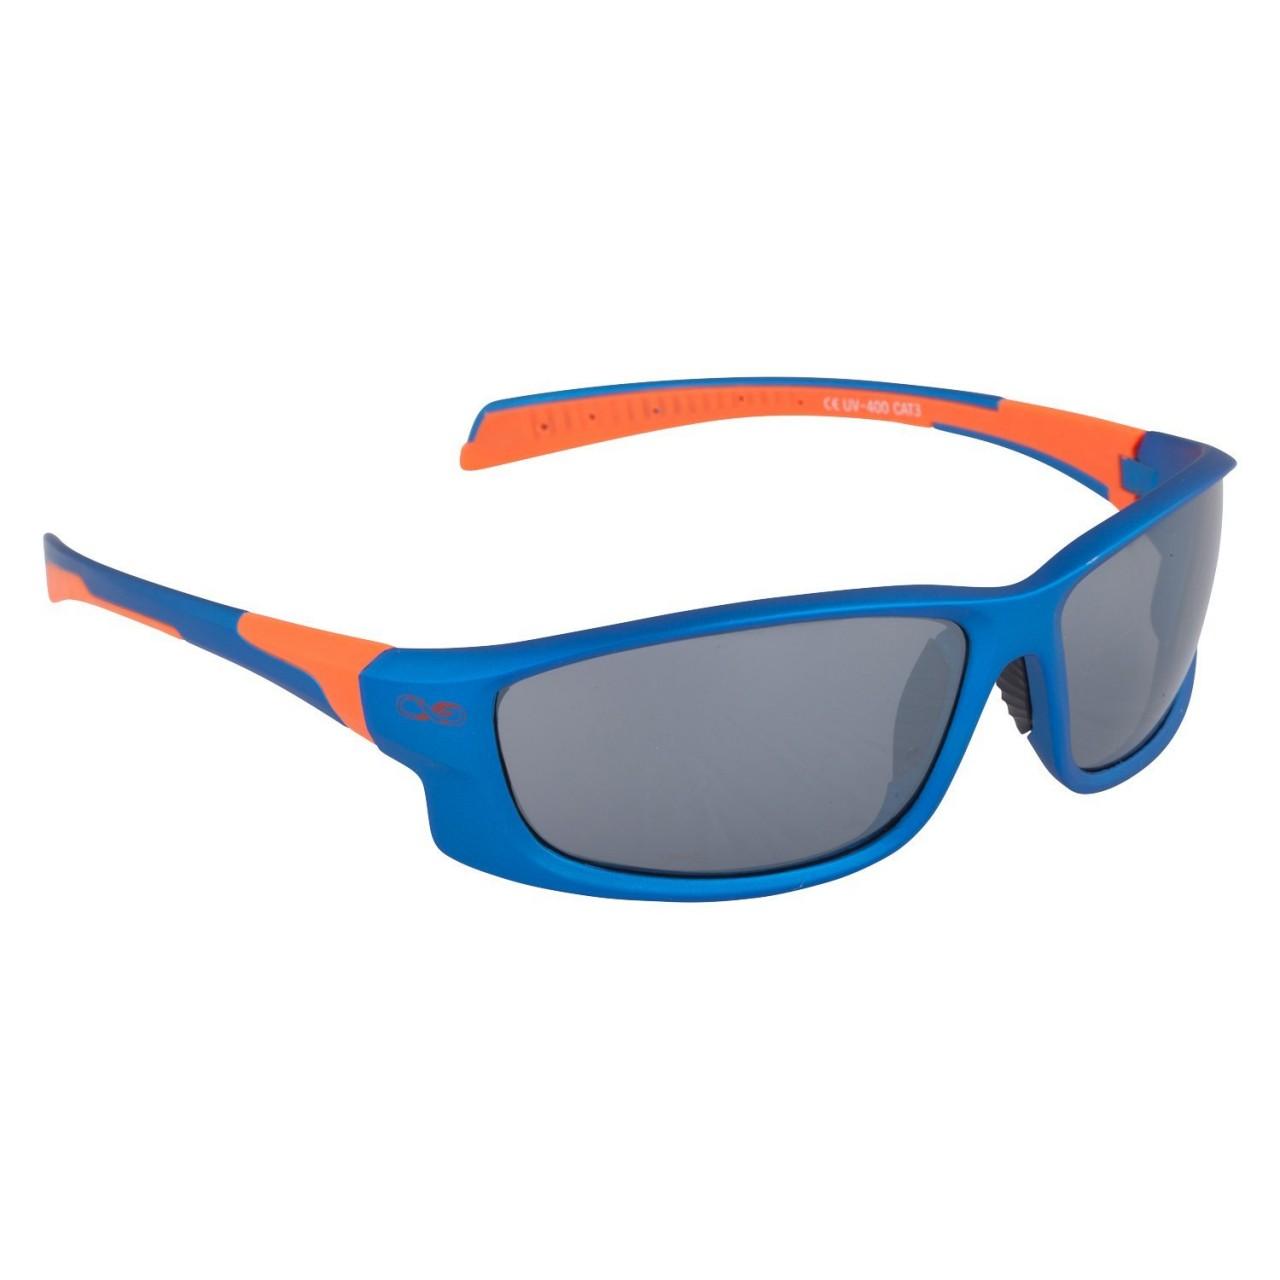 Viwanda Rote Sportbrille mit transparenten Gläsern Fhld5